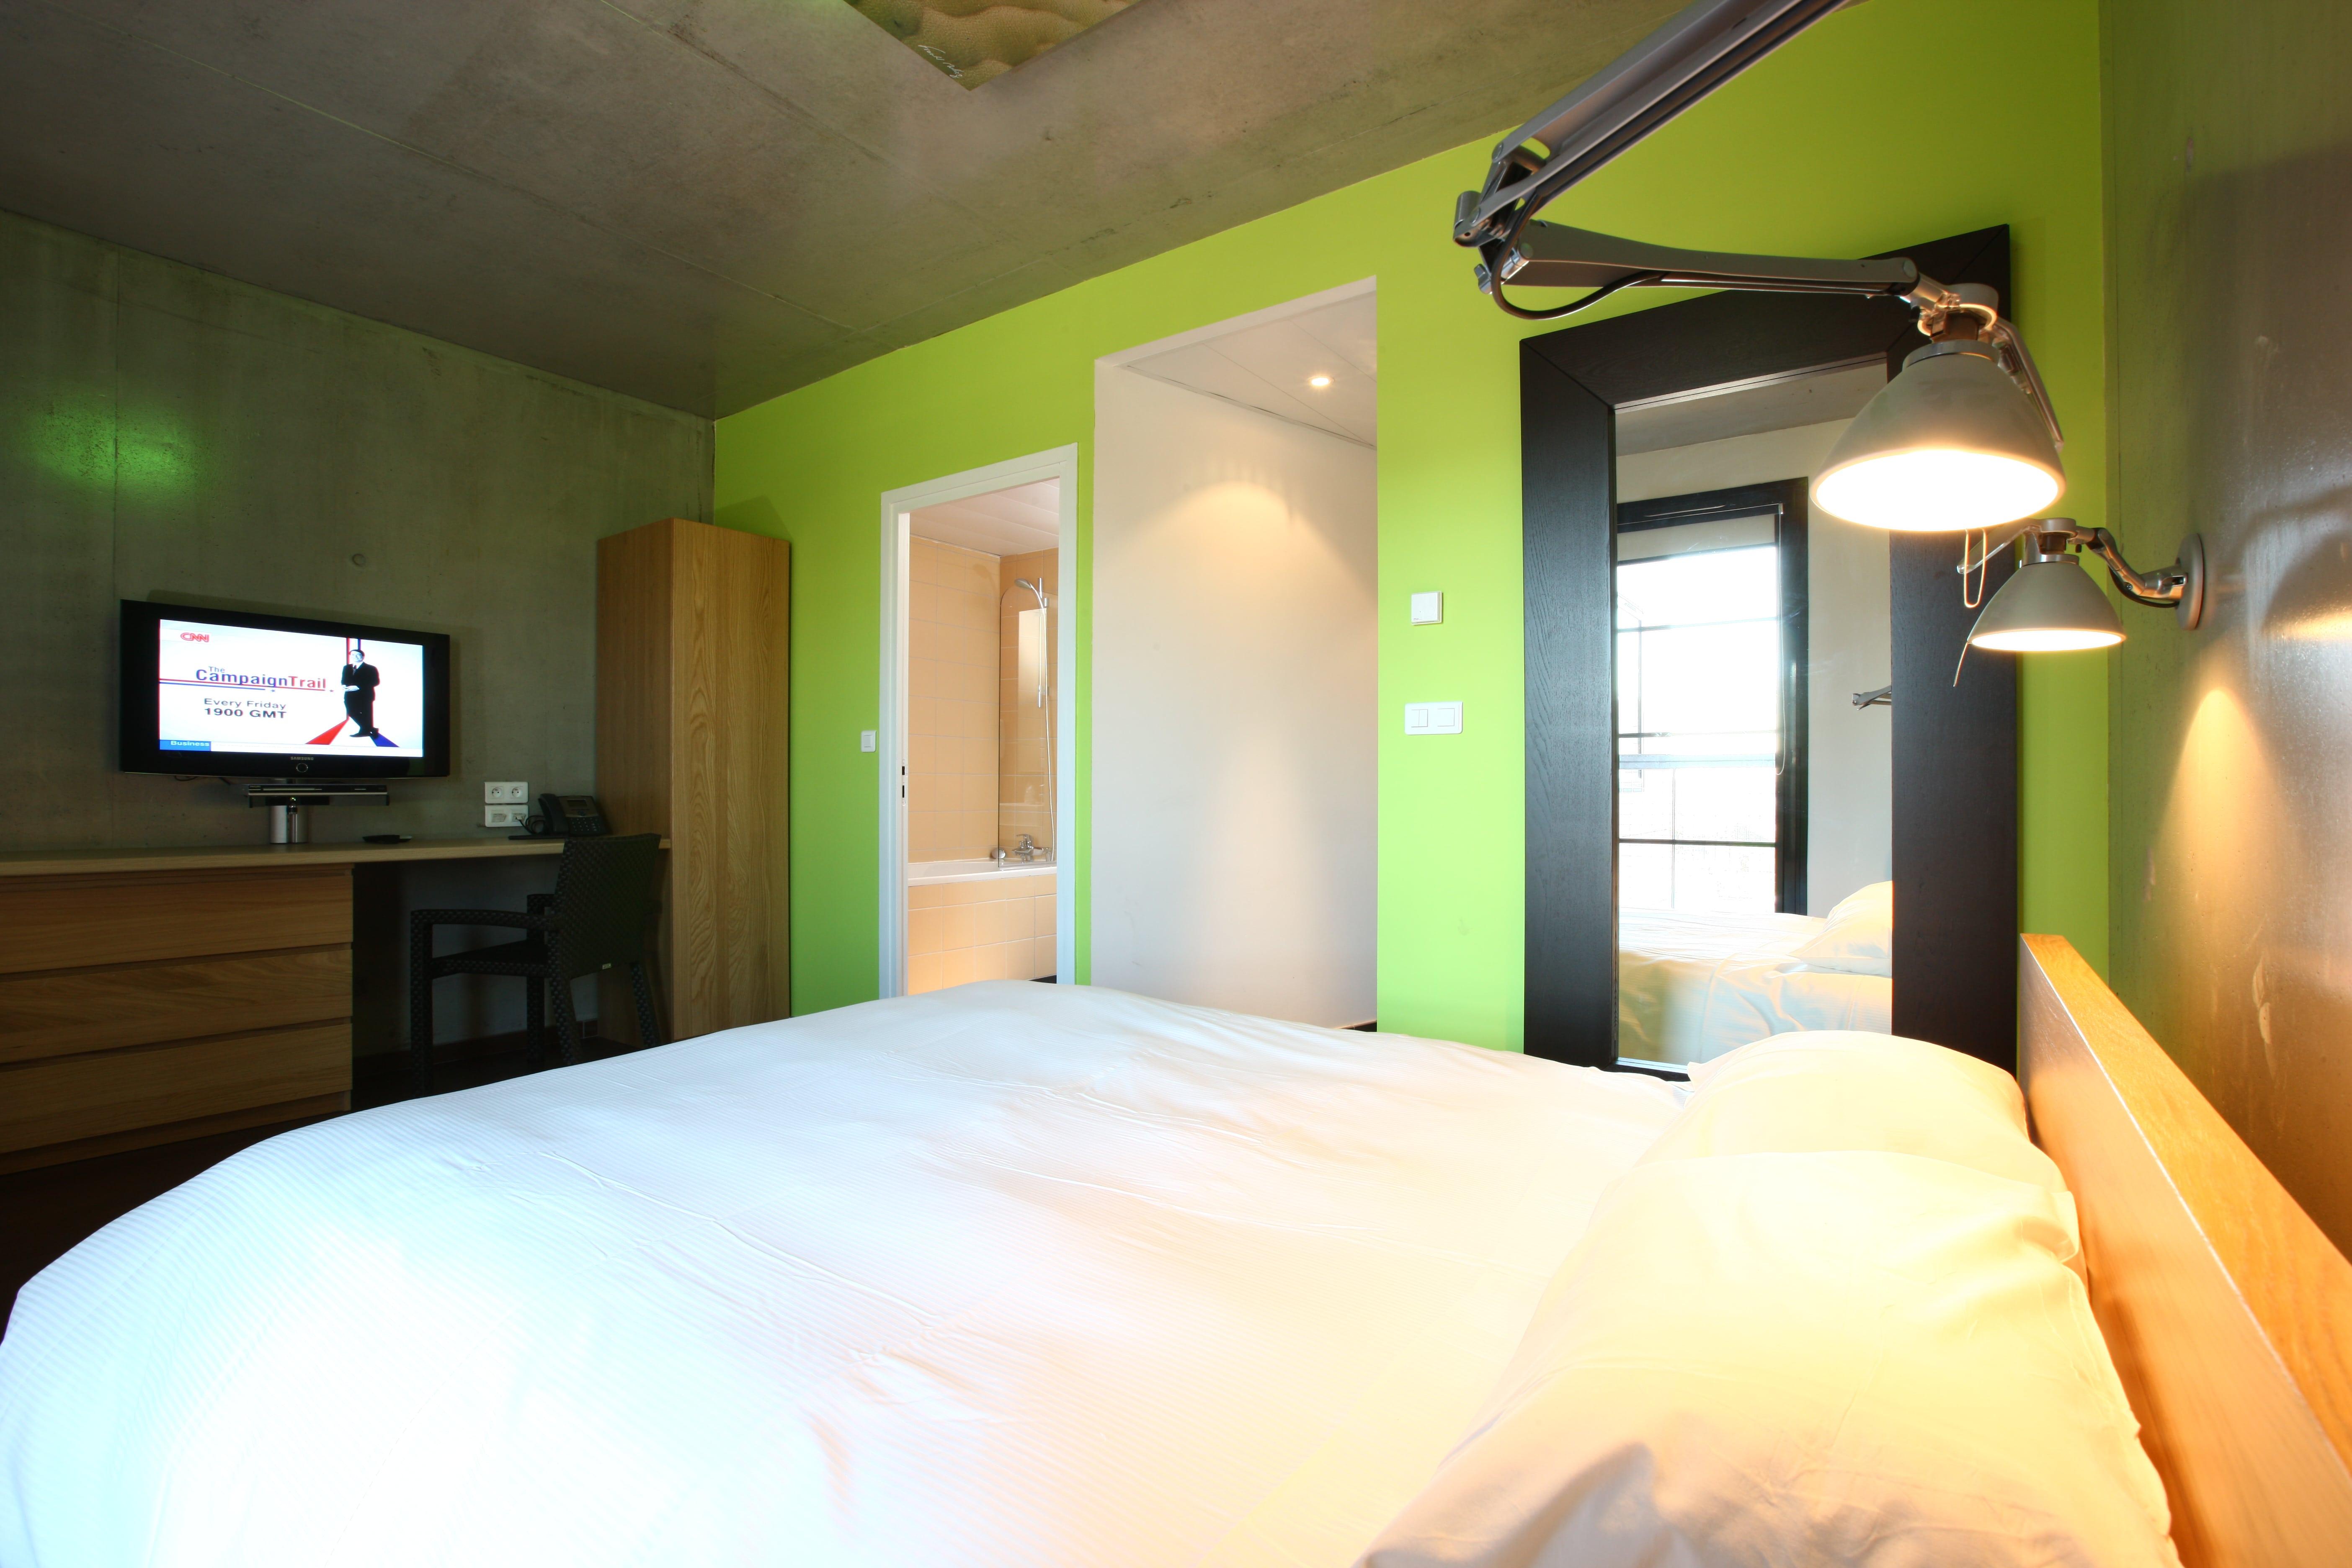 hôtel Lille studio deluxe Olivarius Apart'hotels Lille Villeneuve d'Ascq